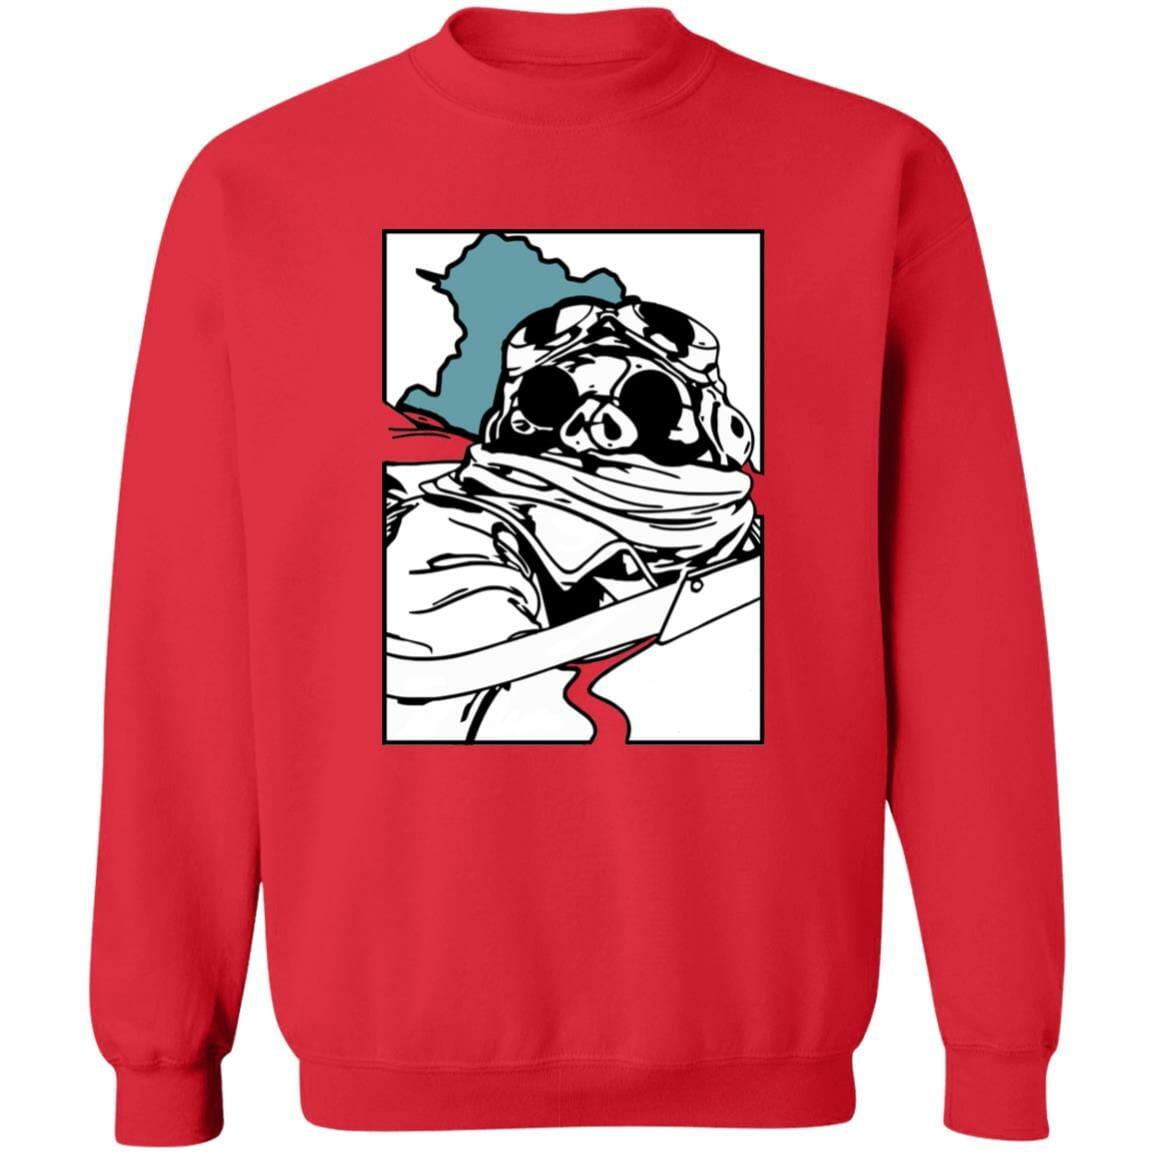 Porco Rosso Poster Sweatshirt Unisex